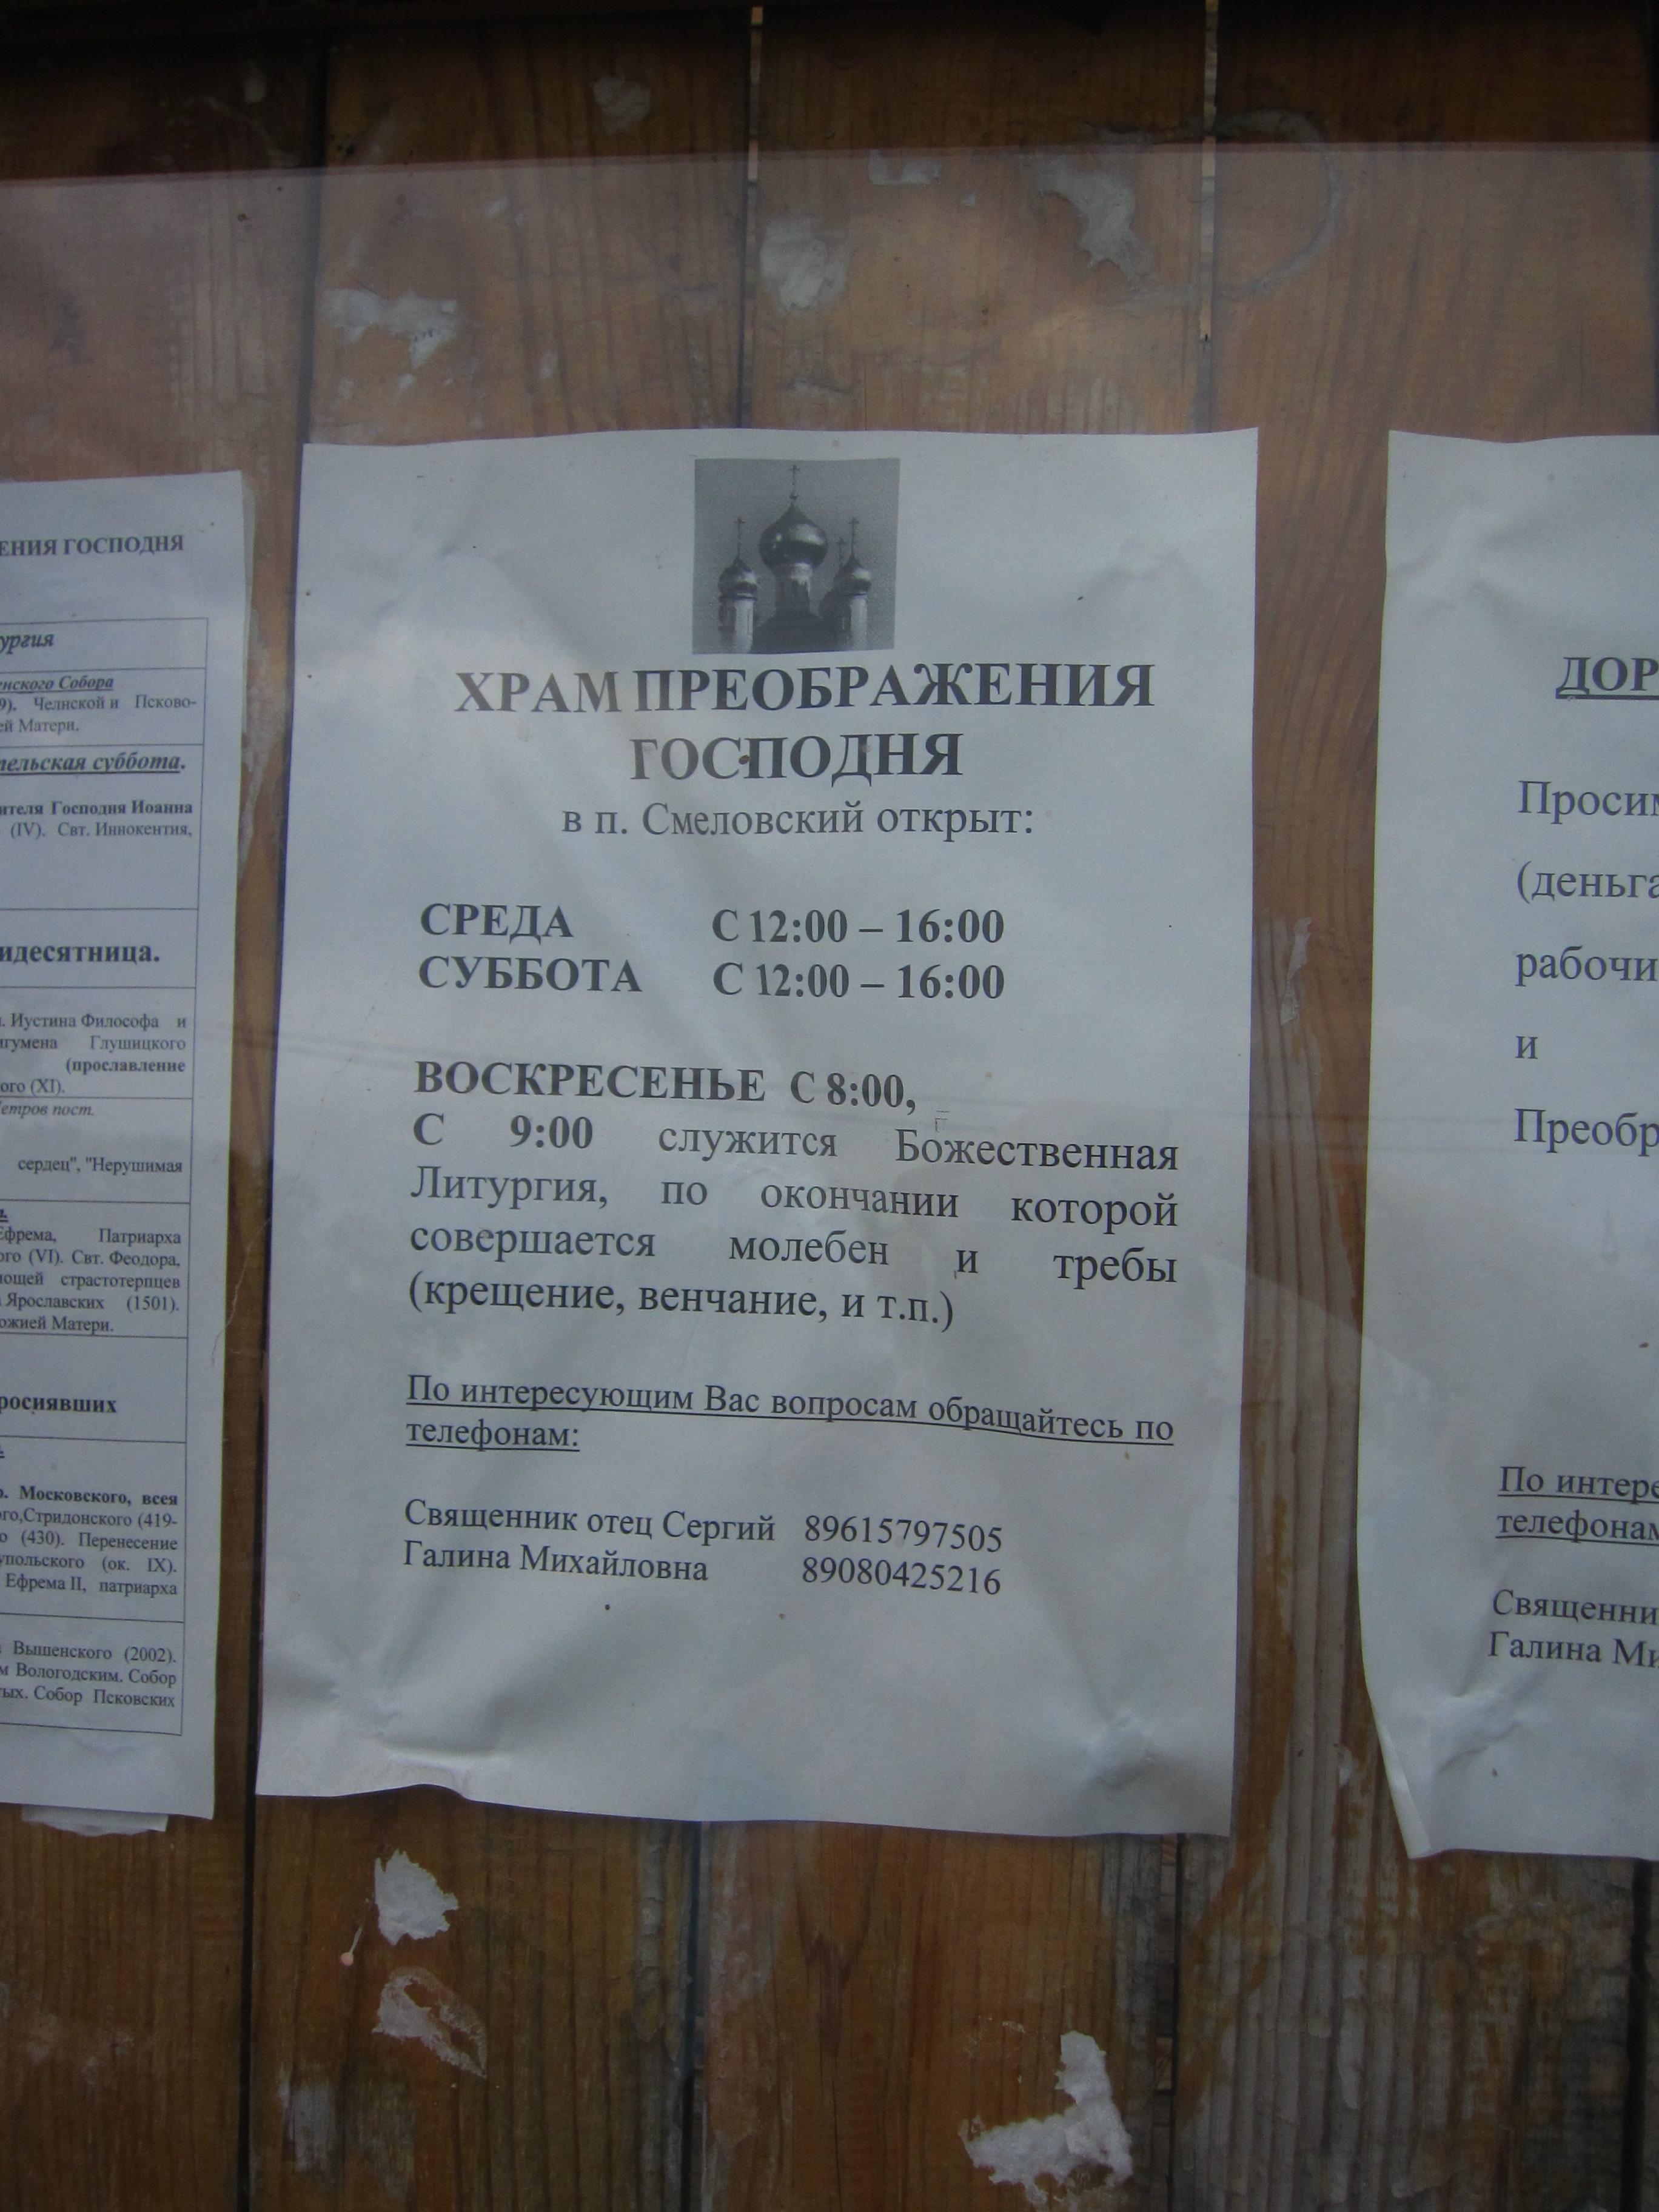 Расписание работы храма в Смеловском (09.07.2014)